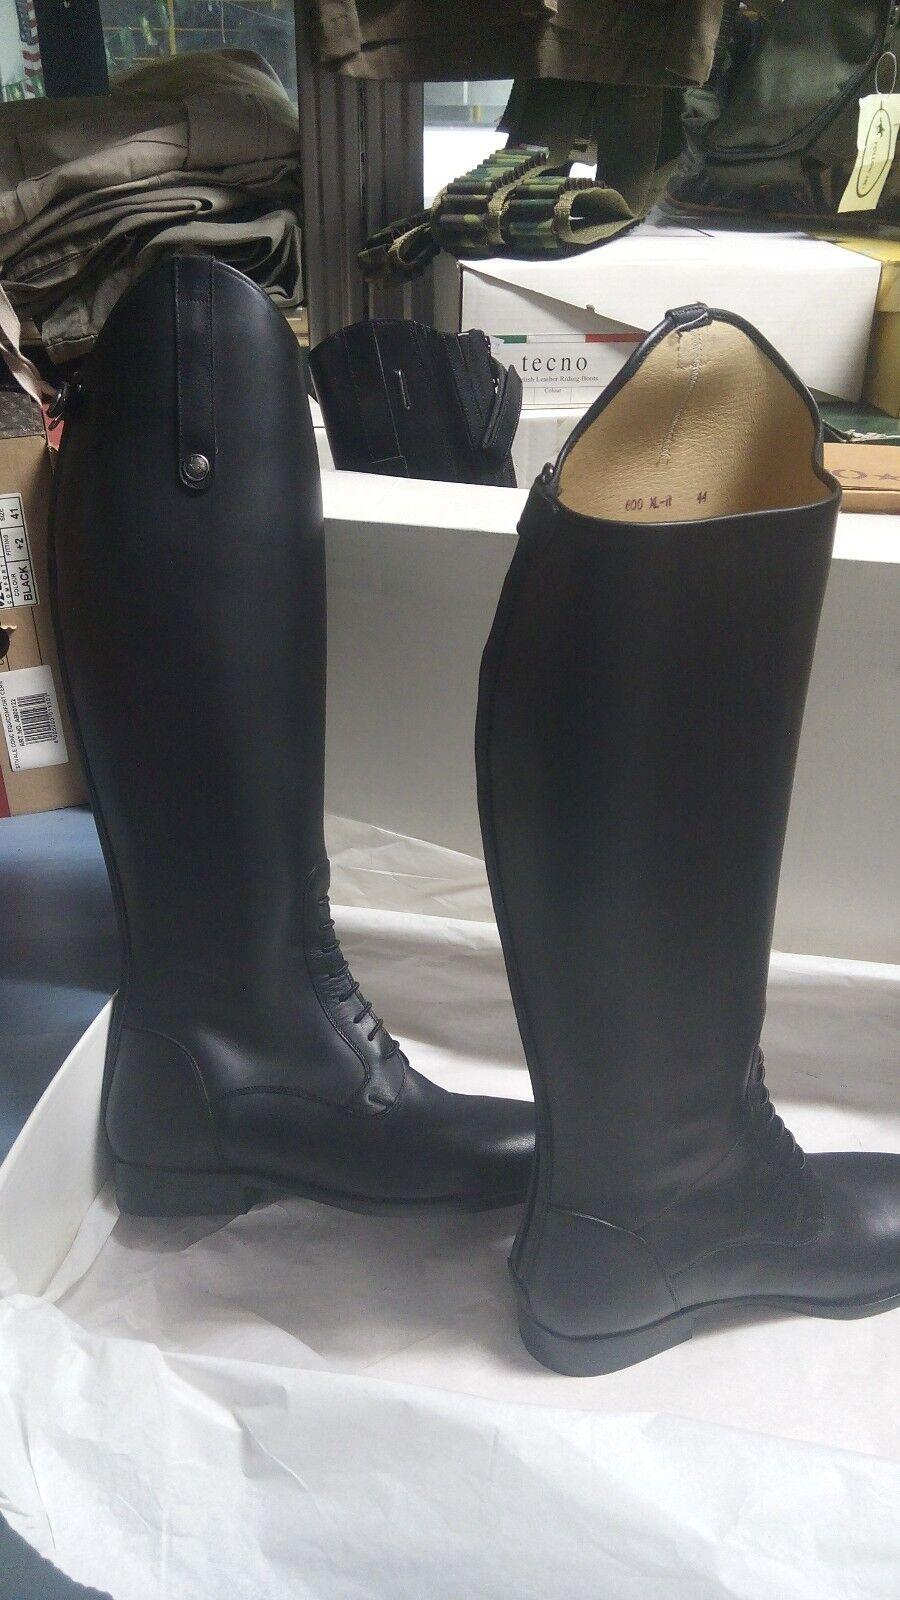 Stivale stivali equitazione pelle SARM HIIPPIQUE  44 concorso neri laccetti